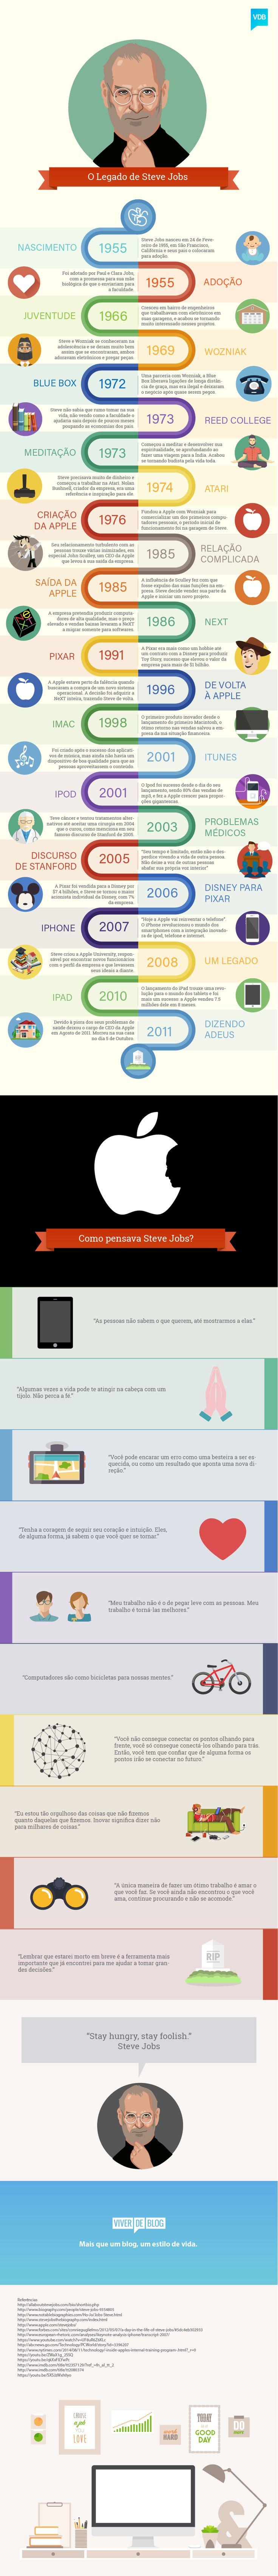 O Legado De Steve Jobs: Inovação, Empreendedorismo E Uma Maçã Que Mudaram O Mundo. If you like UX, design, or design thinking, check out theuxblog